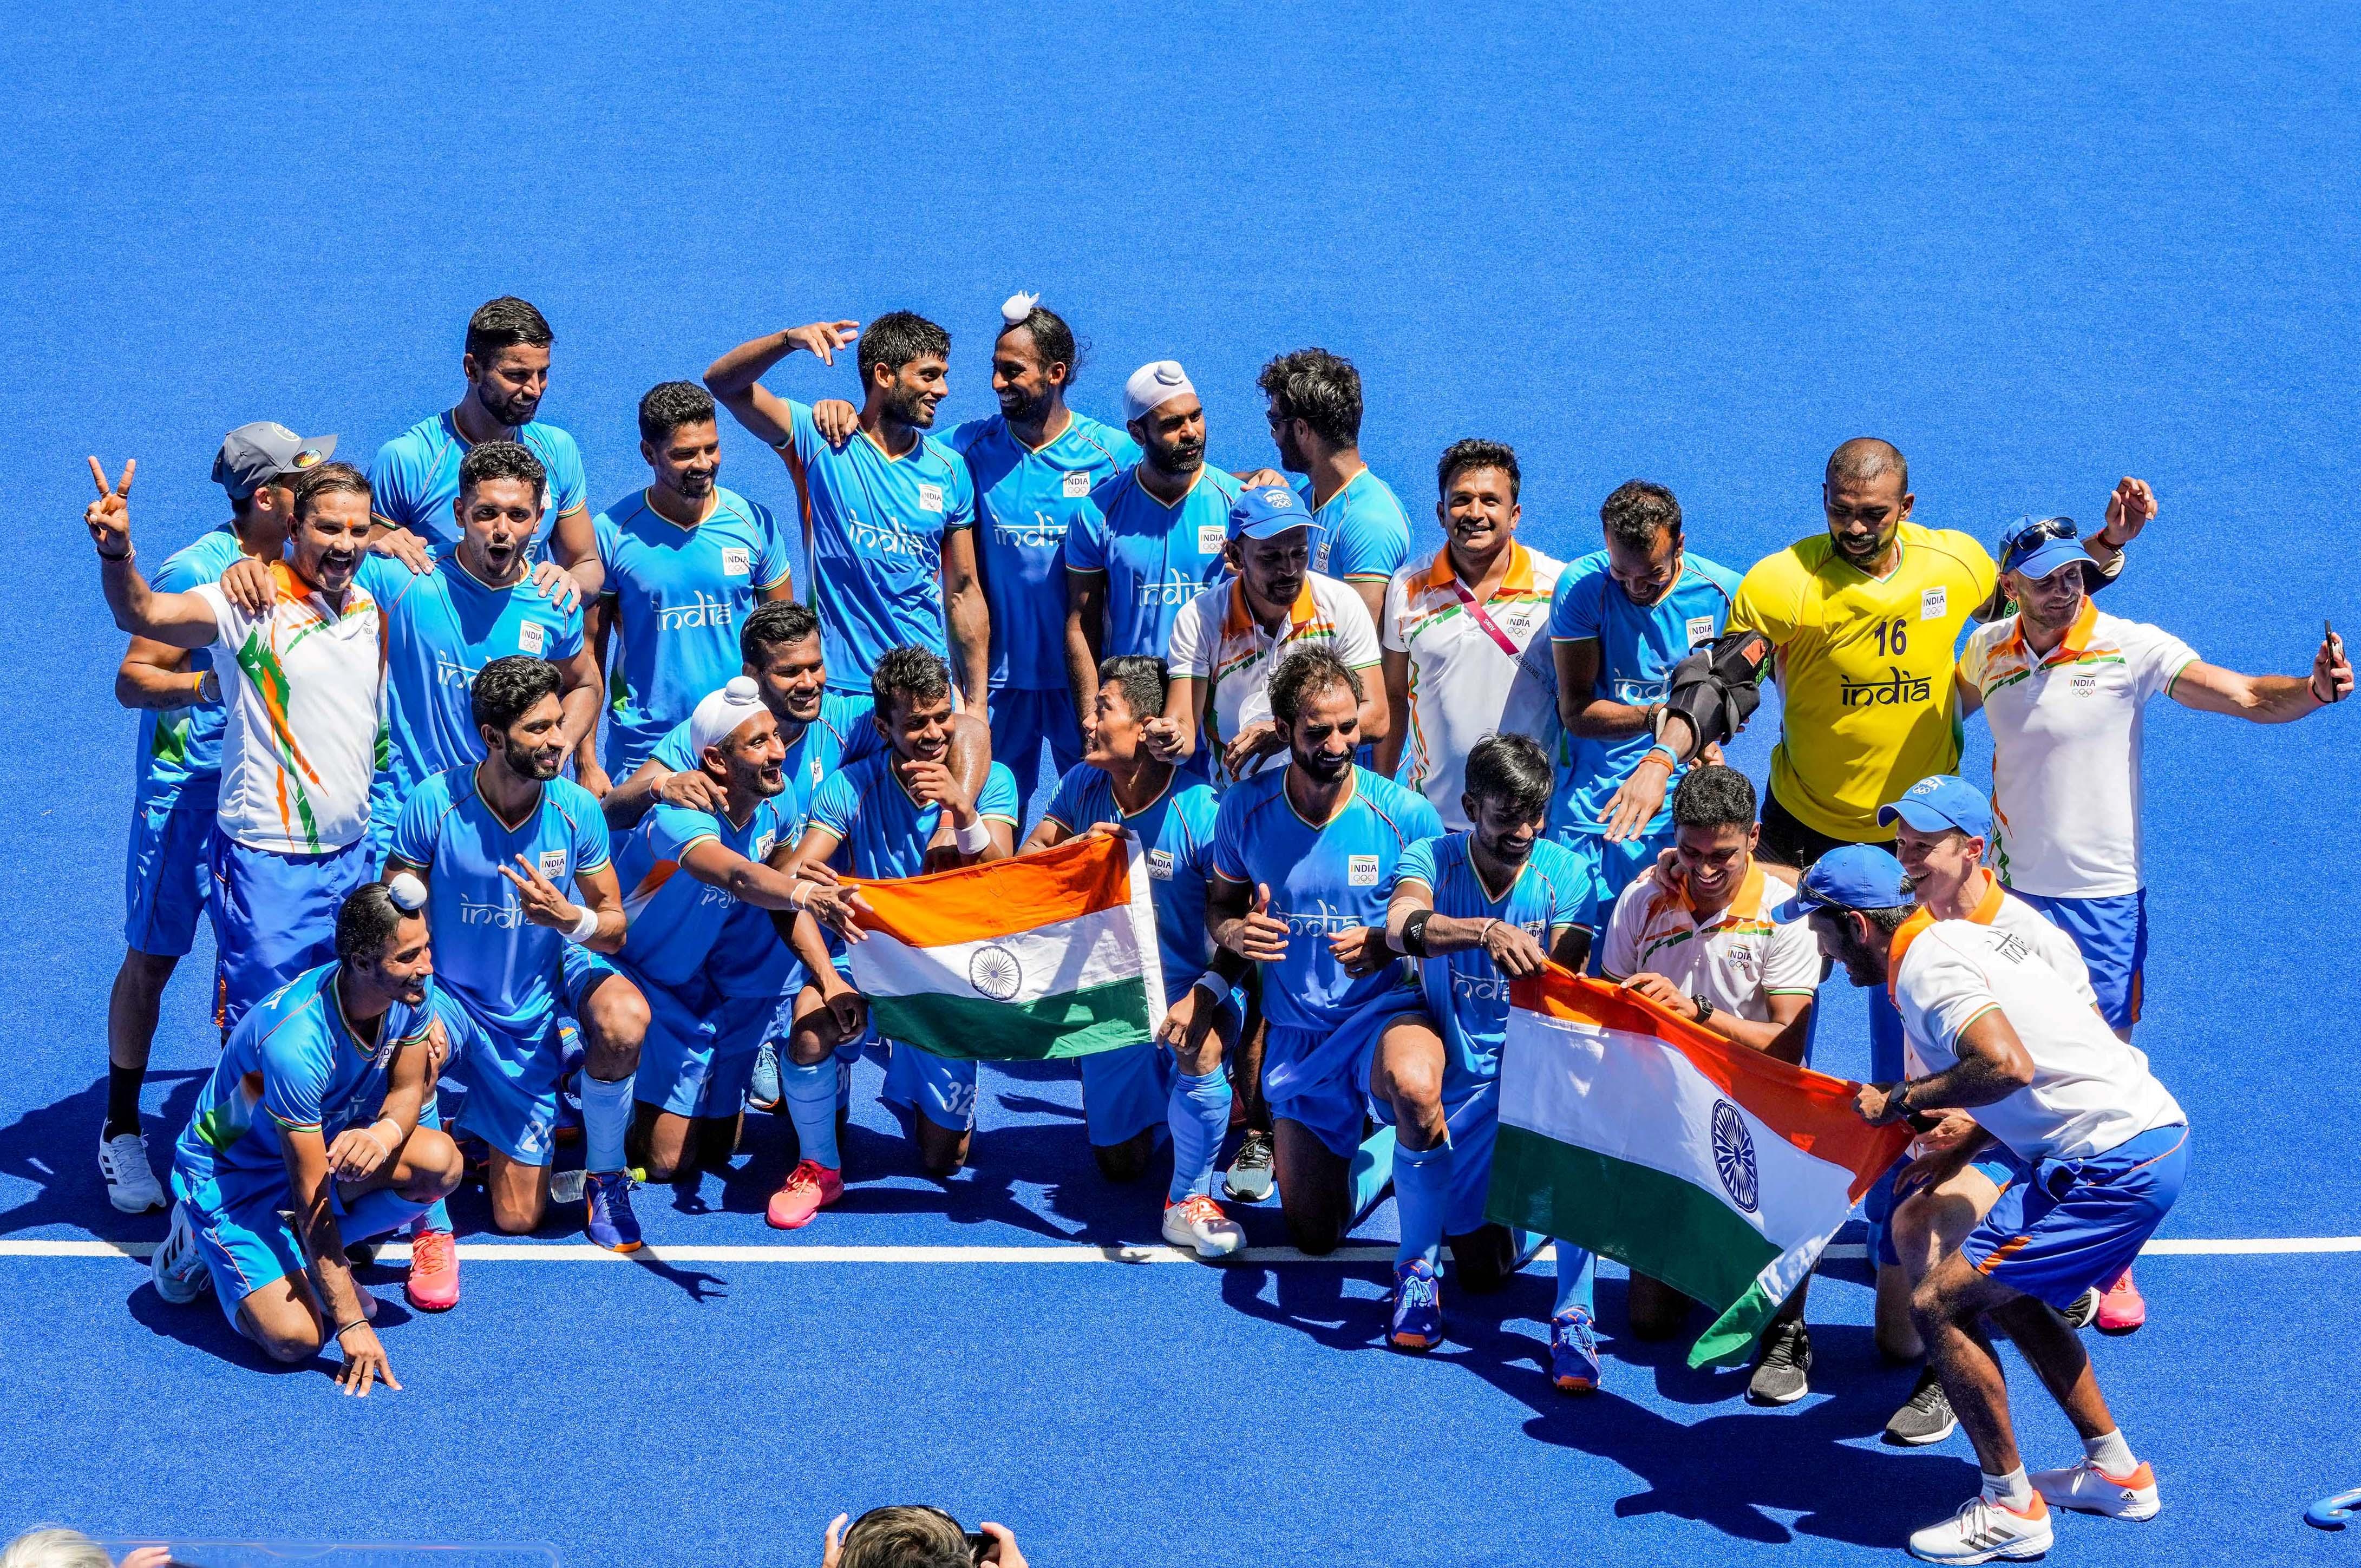 भारतीय पुरुष हॉकी टीम ने 41 साल के सूखे को खत्म किया।